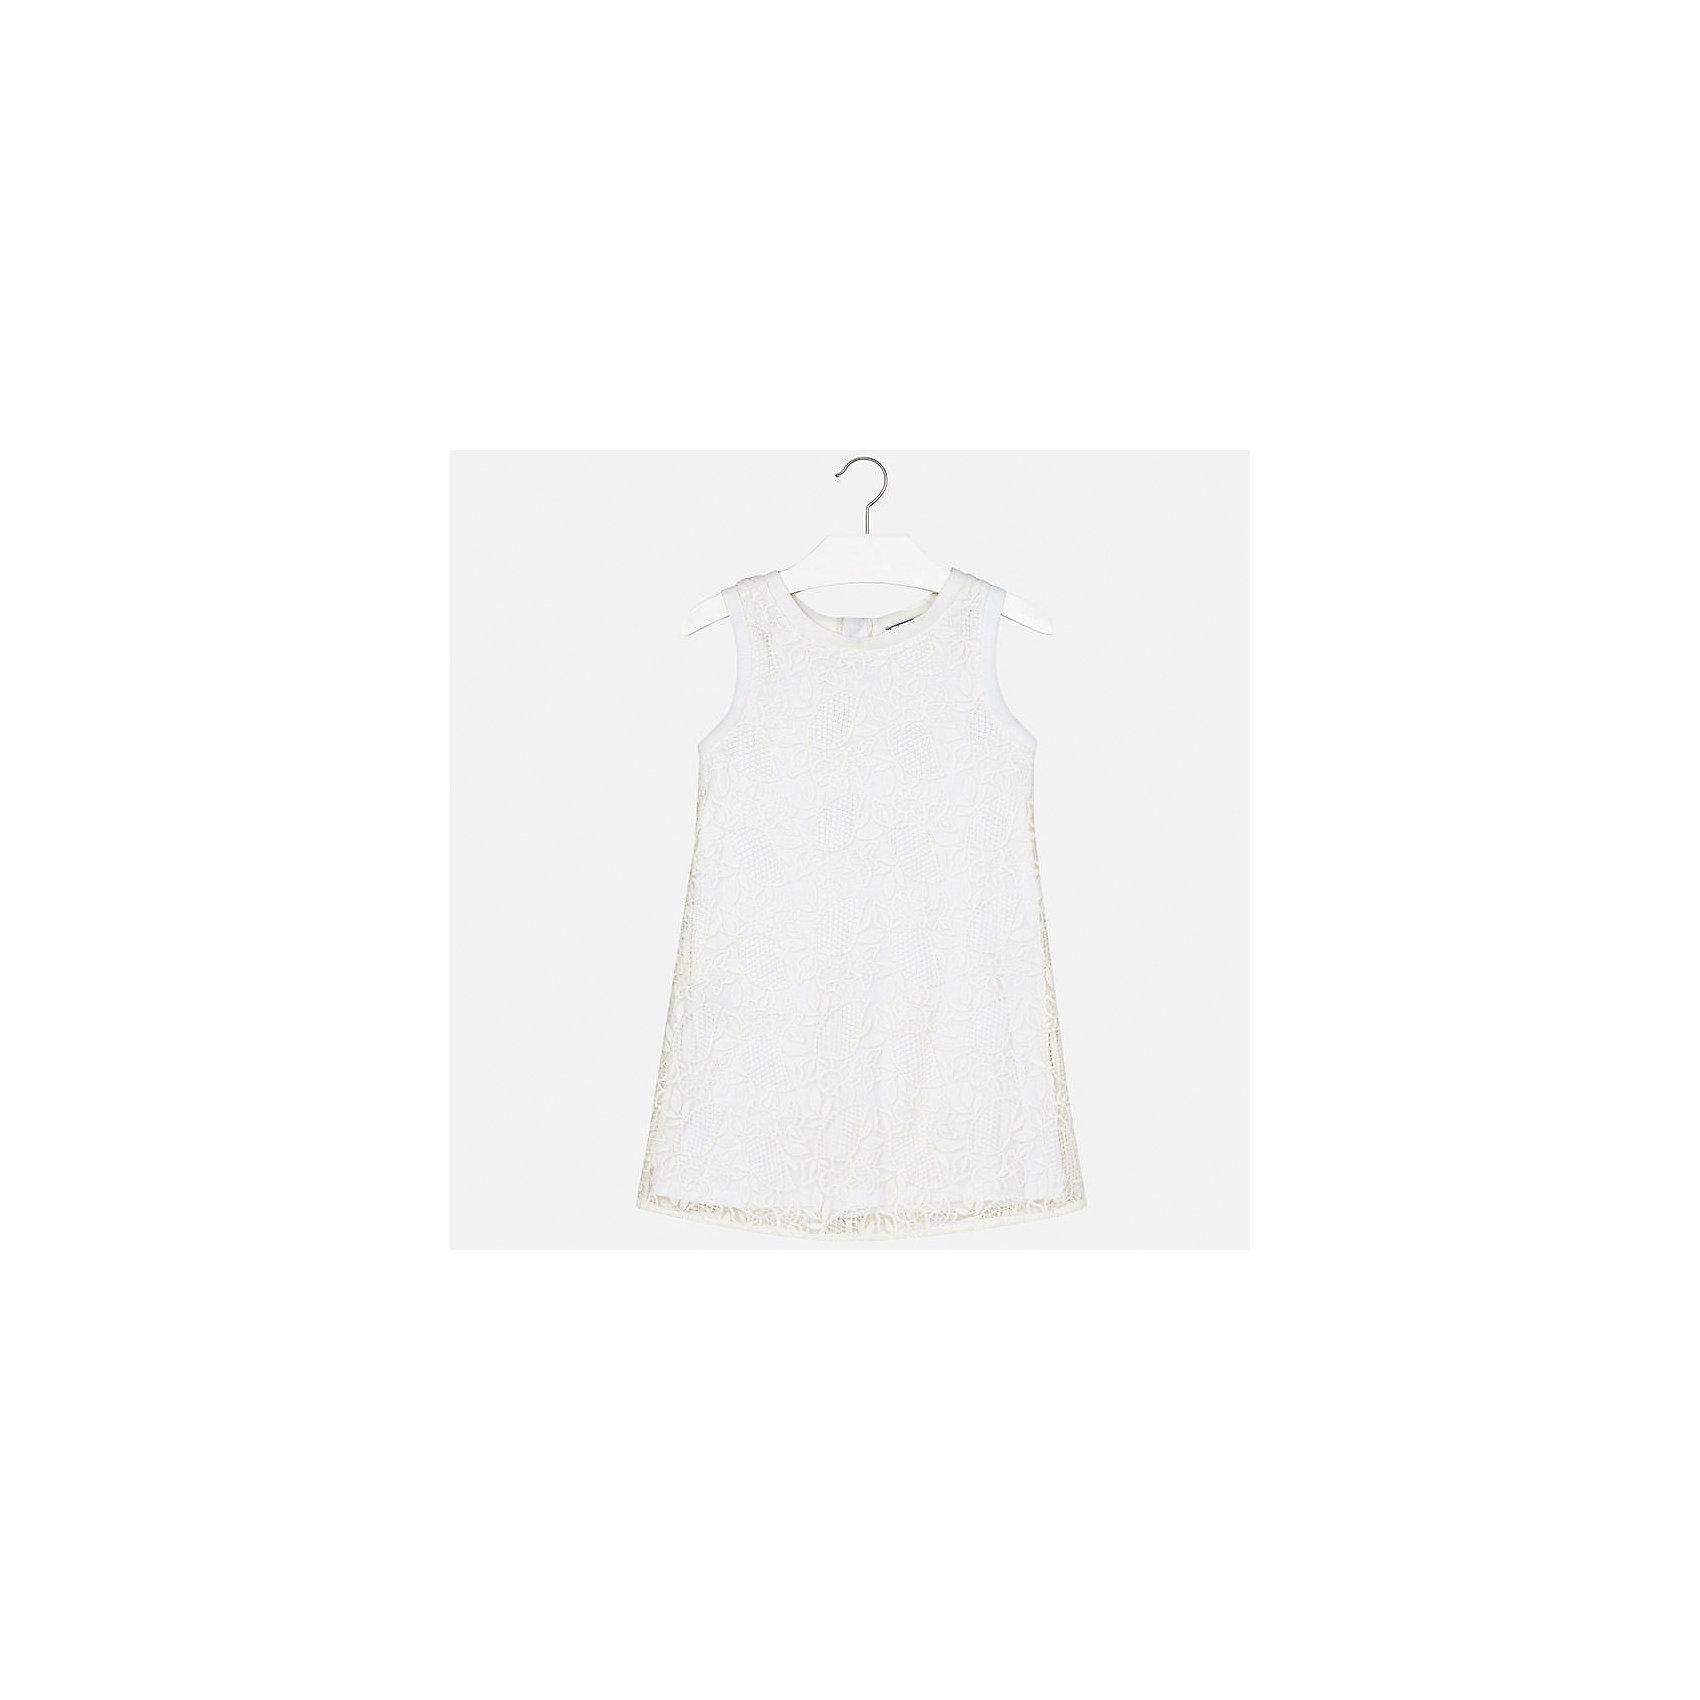 Платье для девочки MayoralОдежда<br>Характеристики товара:<br><br>• цвет: белый<br>• состав: 100% полиэстер, подкладка - 40% полиэстер, 60% хлопок<br>• застежка: молния<br>• прямой силуэт<br>• без рукавов<br>• с подкладкой<br>• страна бренда: Испания<br><br>Нарядное платье для девочки поможет разнообразить гардероб ребенка и создать эффектный наряд. Оно подойдет для различных случаев. Красивый оттенок позволяет подобрать к вещи обувь разных расцветок. Платье хорошо сидит по фигуре.<br><br>Одежда, обувь и аксессуары от испанского бренда Mayoral полюбились детям и взрослым по всему миру. Модели этой марки - стильные и удобные. Для их производства используются только безопасные, качественные материалы и фурнитура. Порадуйте ребенка модными и красивыми вещами от Mayoral! <br><br>Платье для девочки от испанского бренда Mayoral (Майорал) можно купить в нашем интернет-магазине.<br><br>Ширина мм: 236<br>Глубина мм: 16<br>Высота мм: 184<br>Вес г: 177<br>Цвет: белый<br>Возраст от месяцев: 156<br>Возраст до месяцев: 168<br>Пол: Женский<br>Возраст: Детский<br>Размер: 164,128/134,140,152,158<br>SKU: 5293310